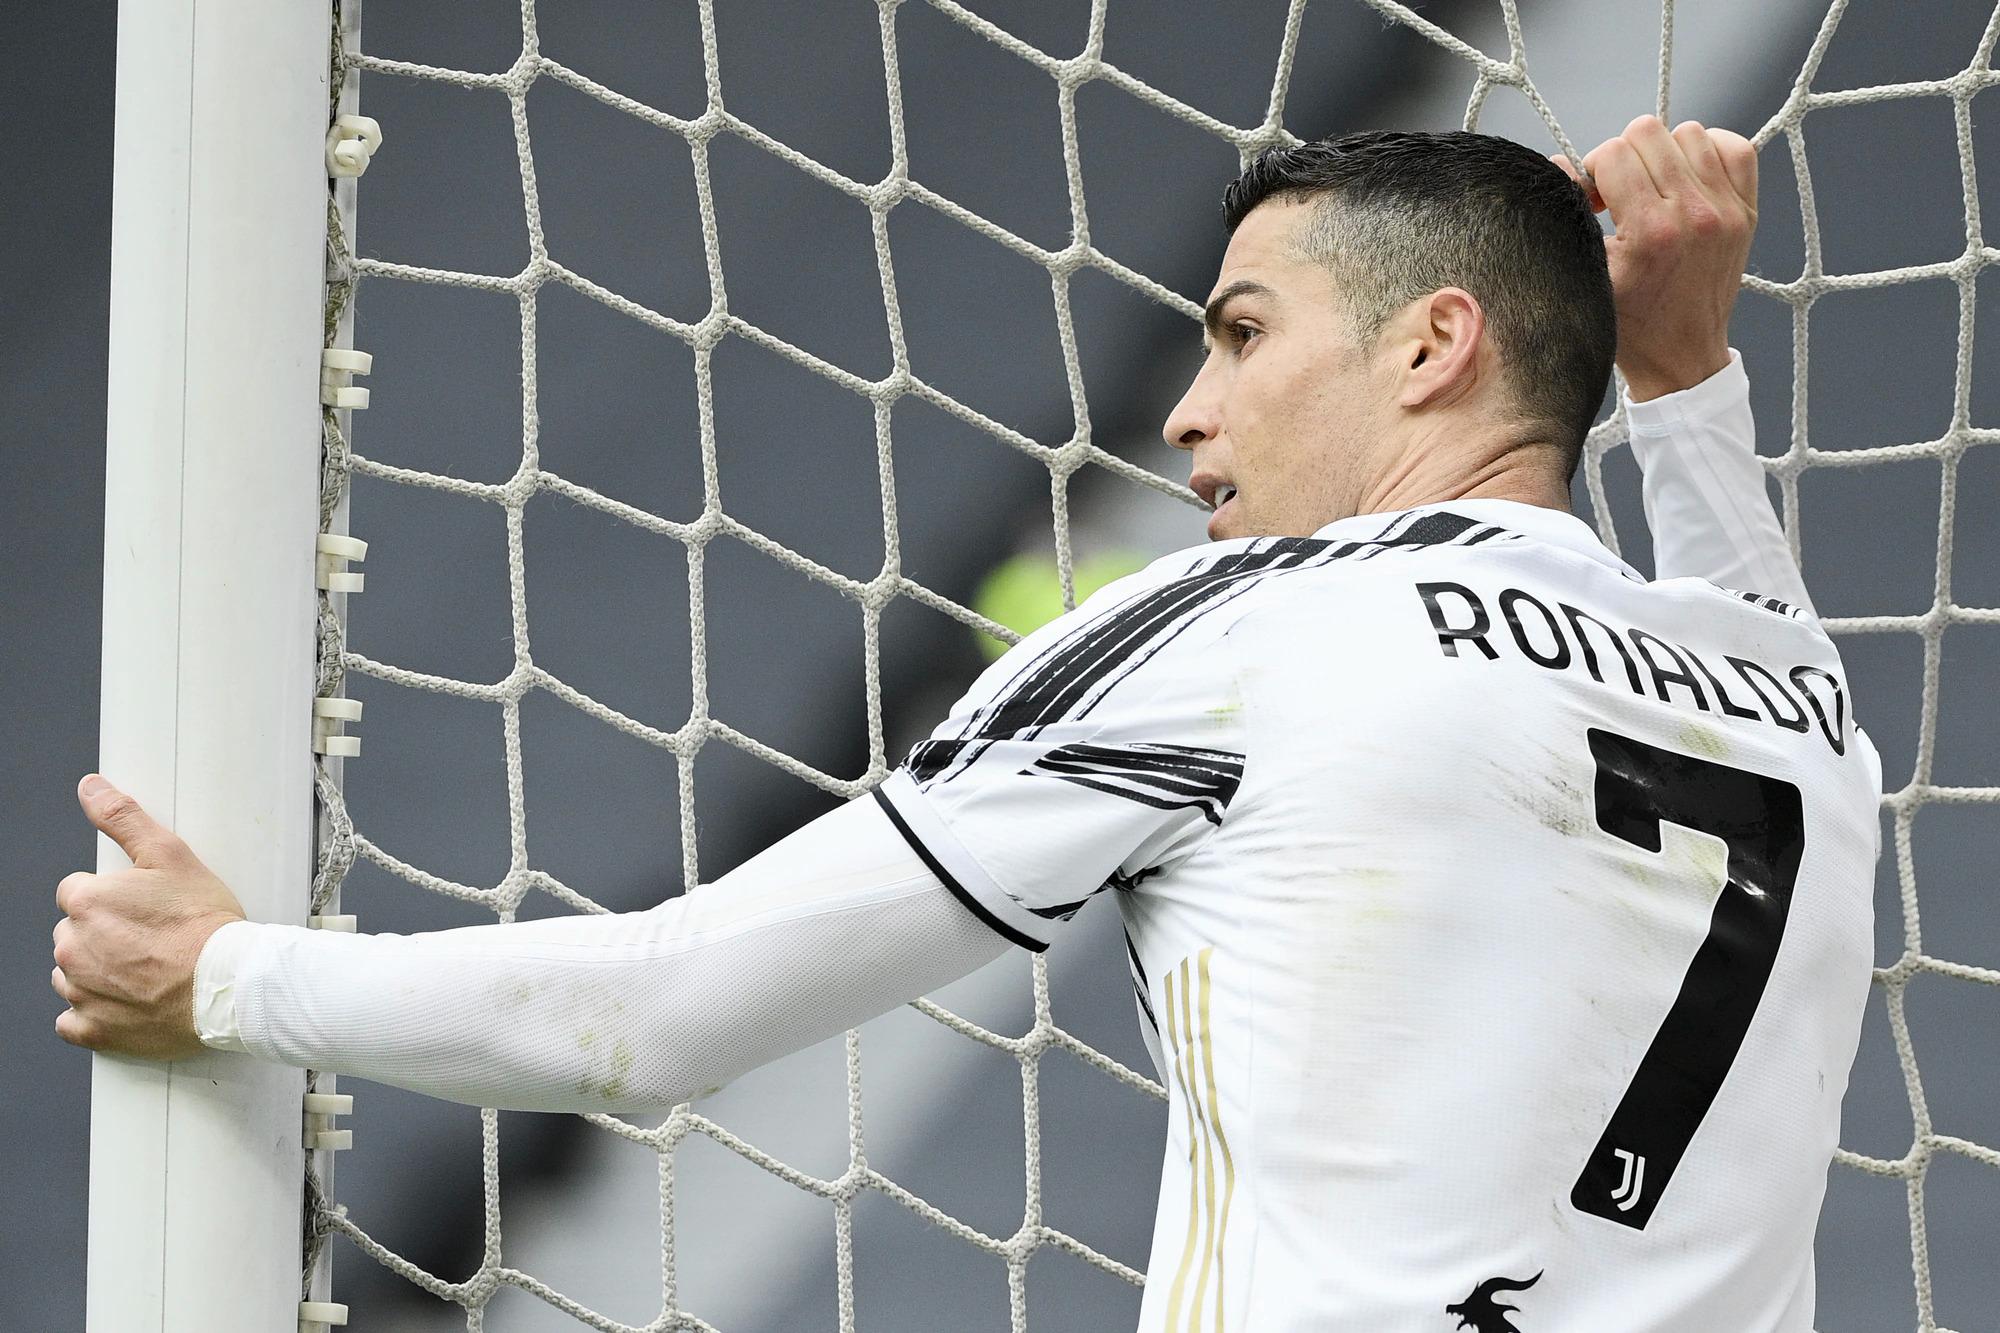 Ronaldo được Whoscored chấm điểm 8,07 điểm - cao nhất trận, nhưng không ghi bàn. Ảnh: Lapresse